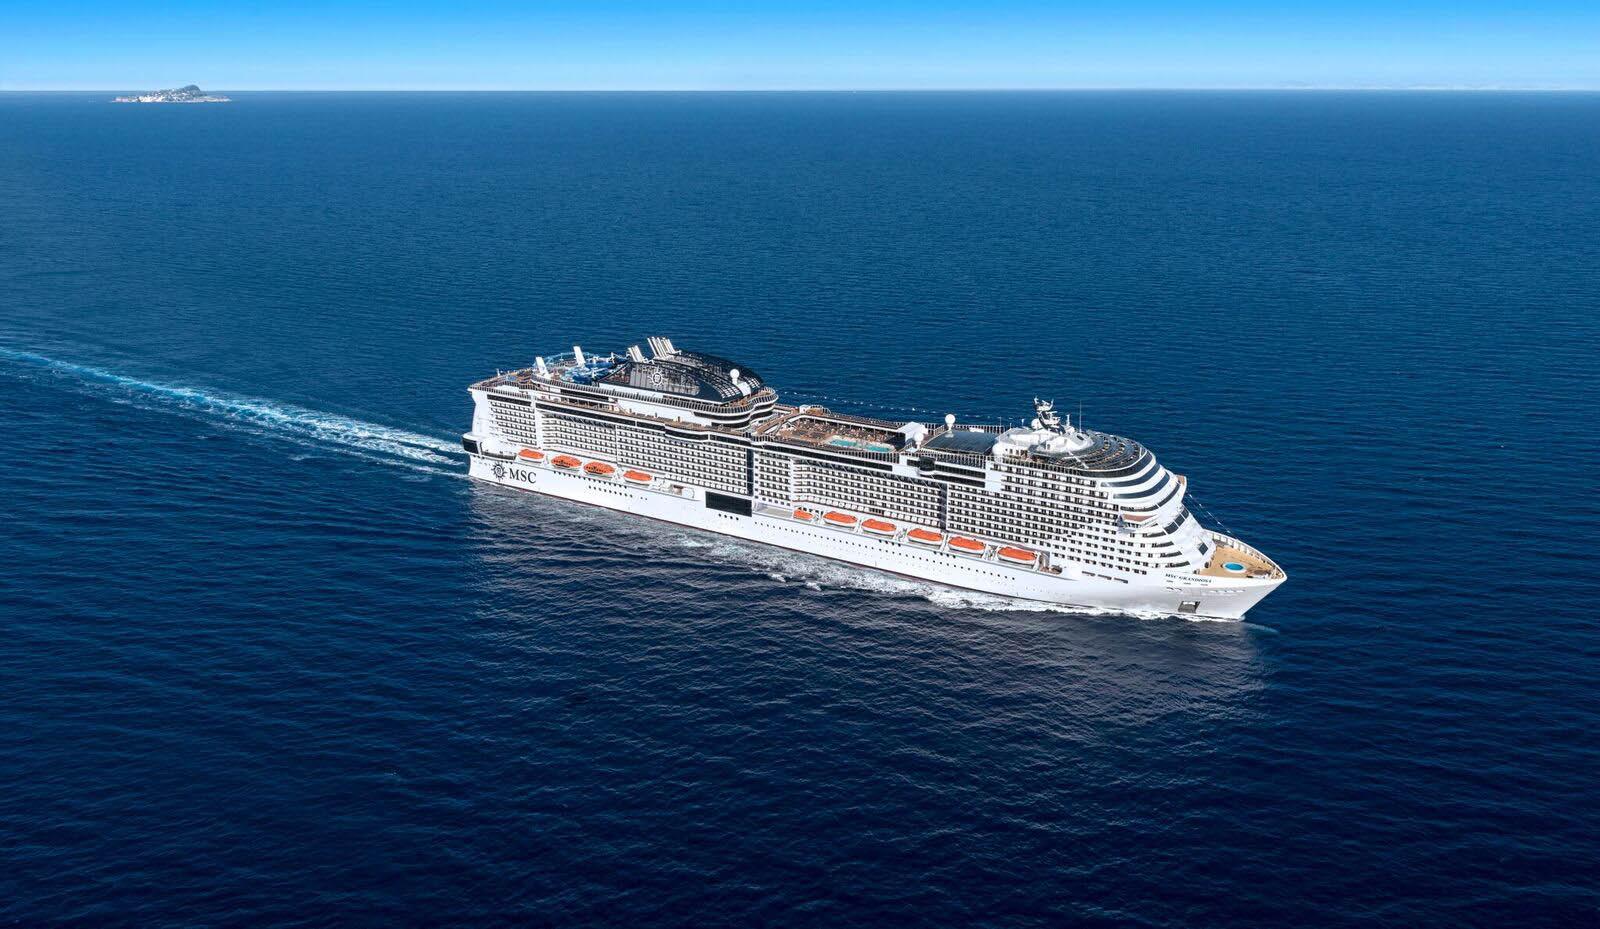 Msc Cruises First Meraviglia Plus Class Cruise Ship Opens